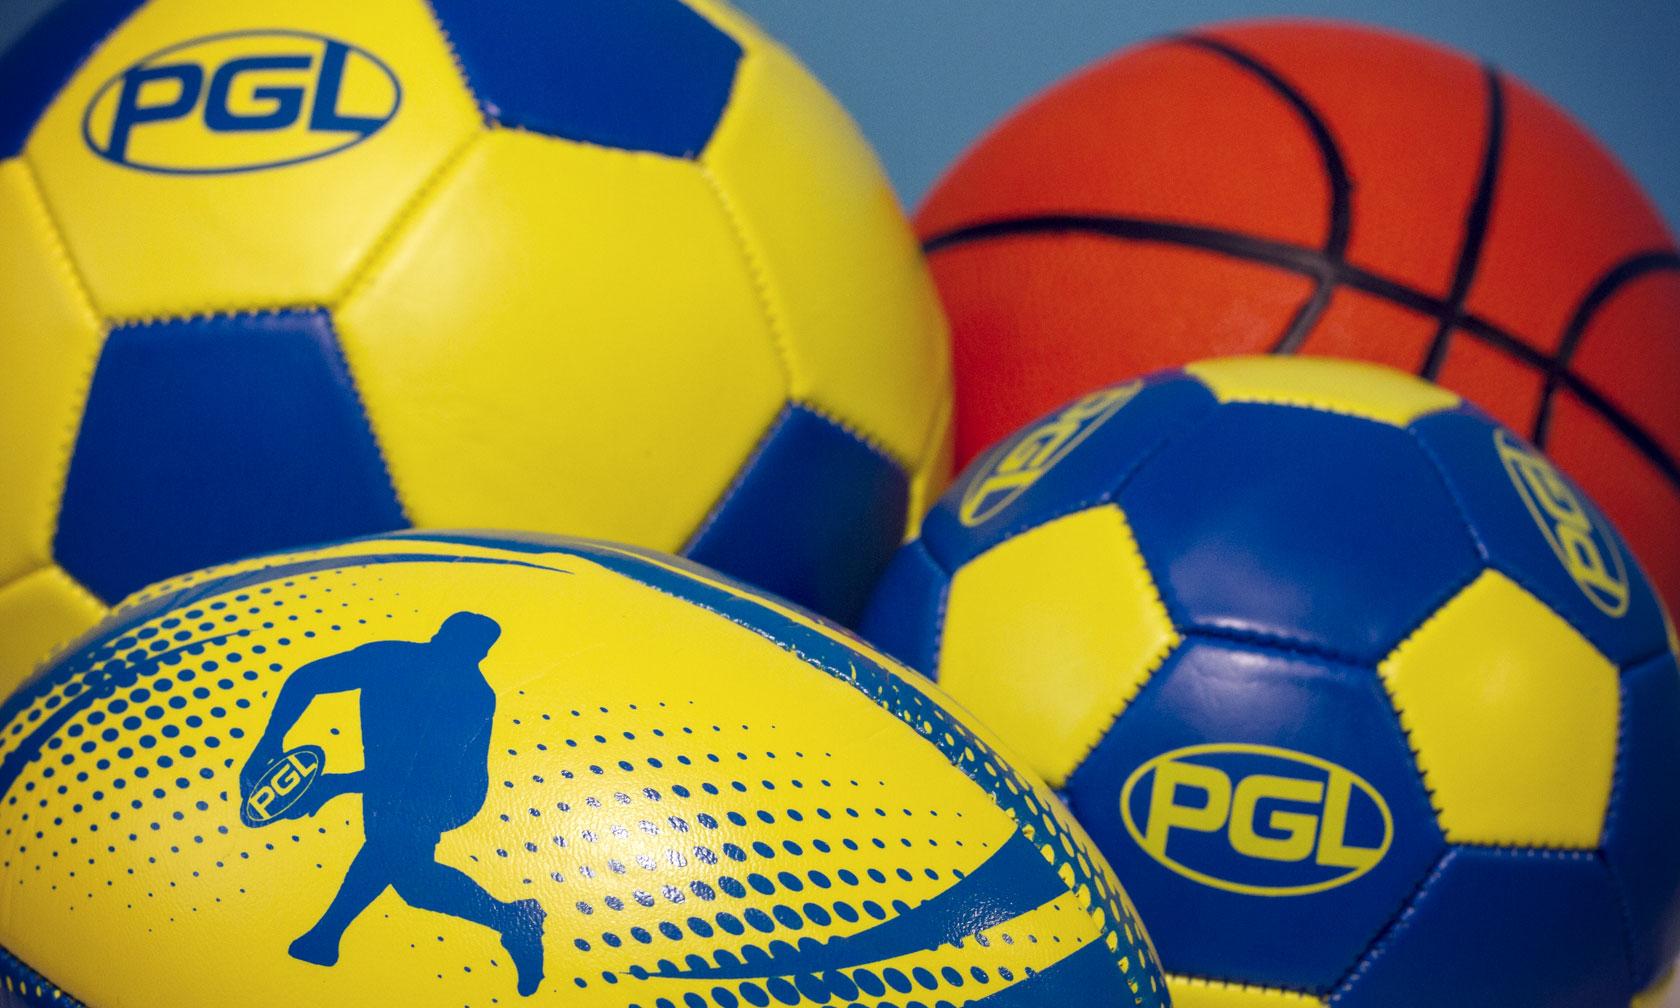 PGL balls